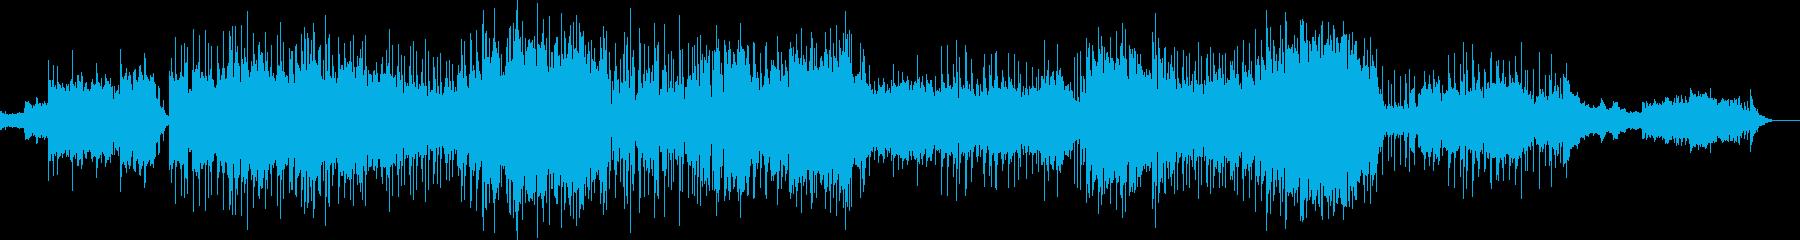 きらめく木洩れ陽と都市のエレクトロビートの再生済みの波形